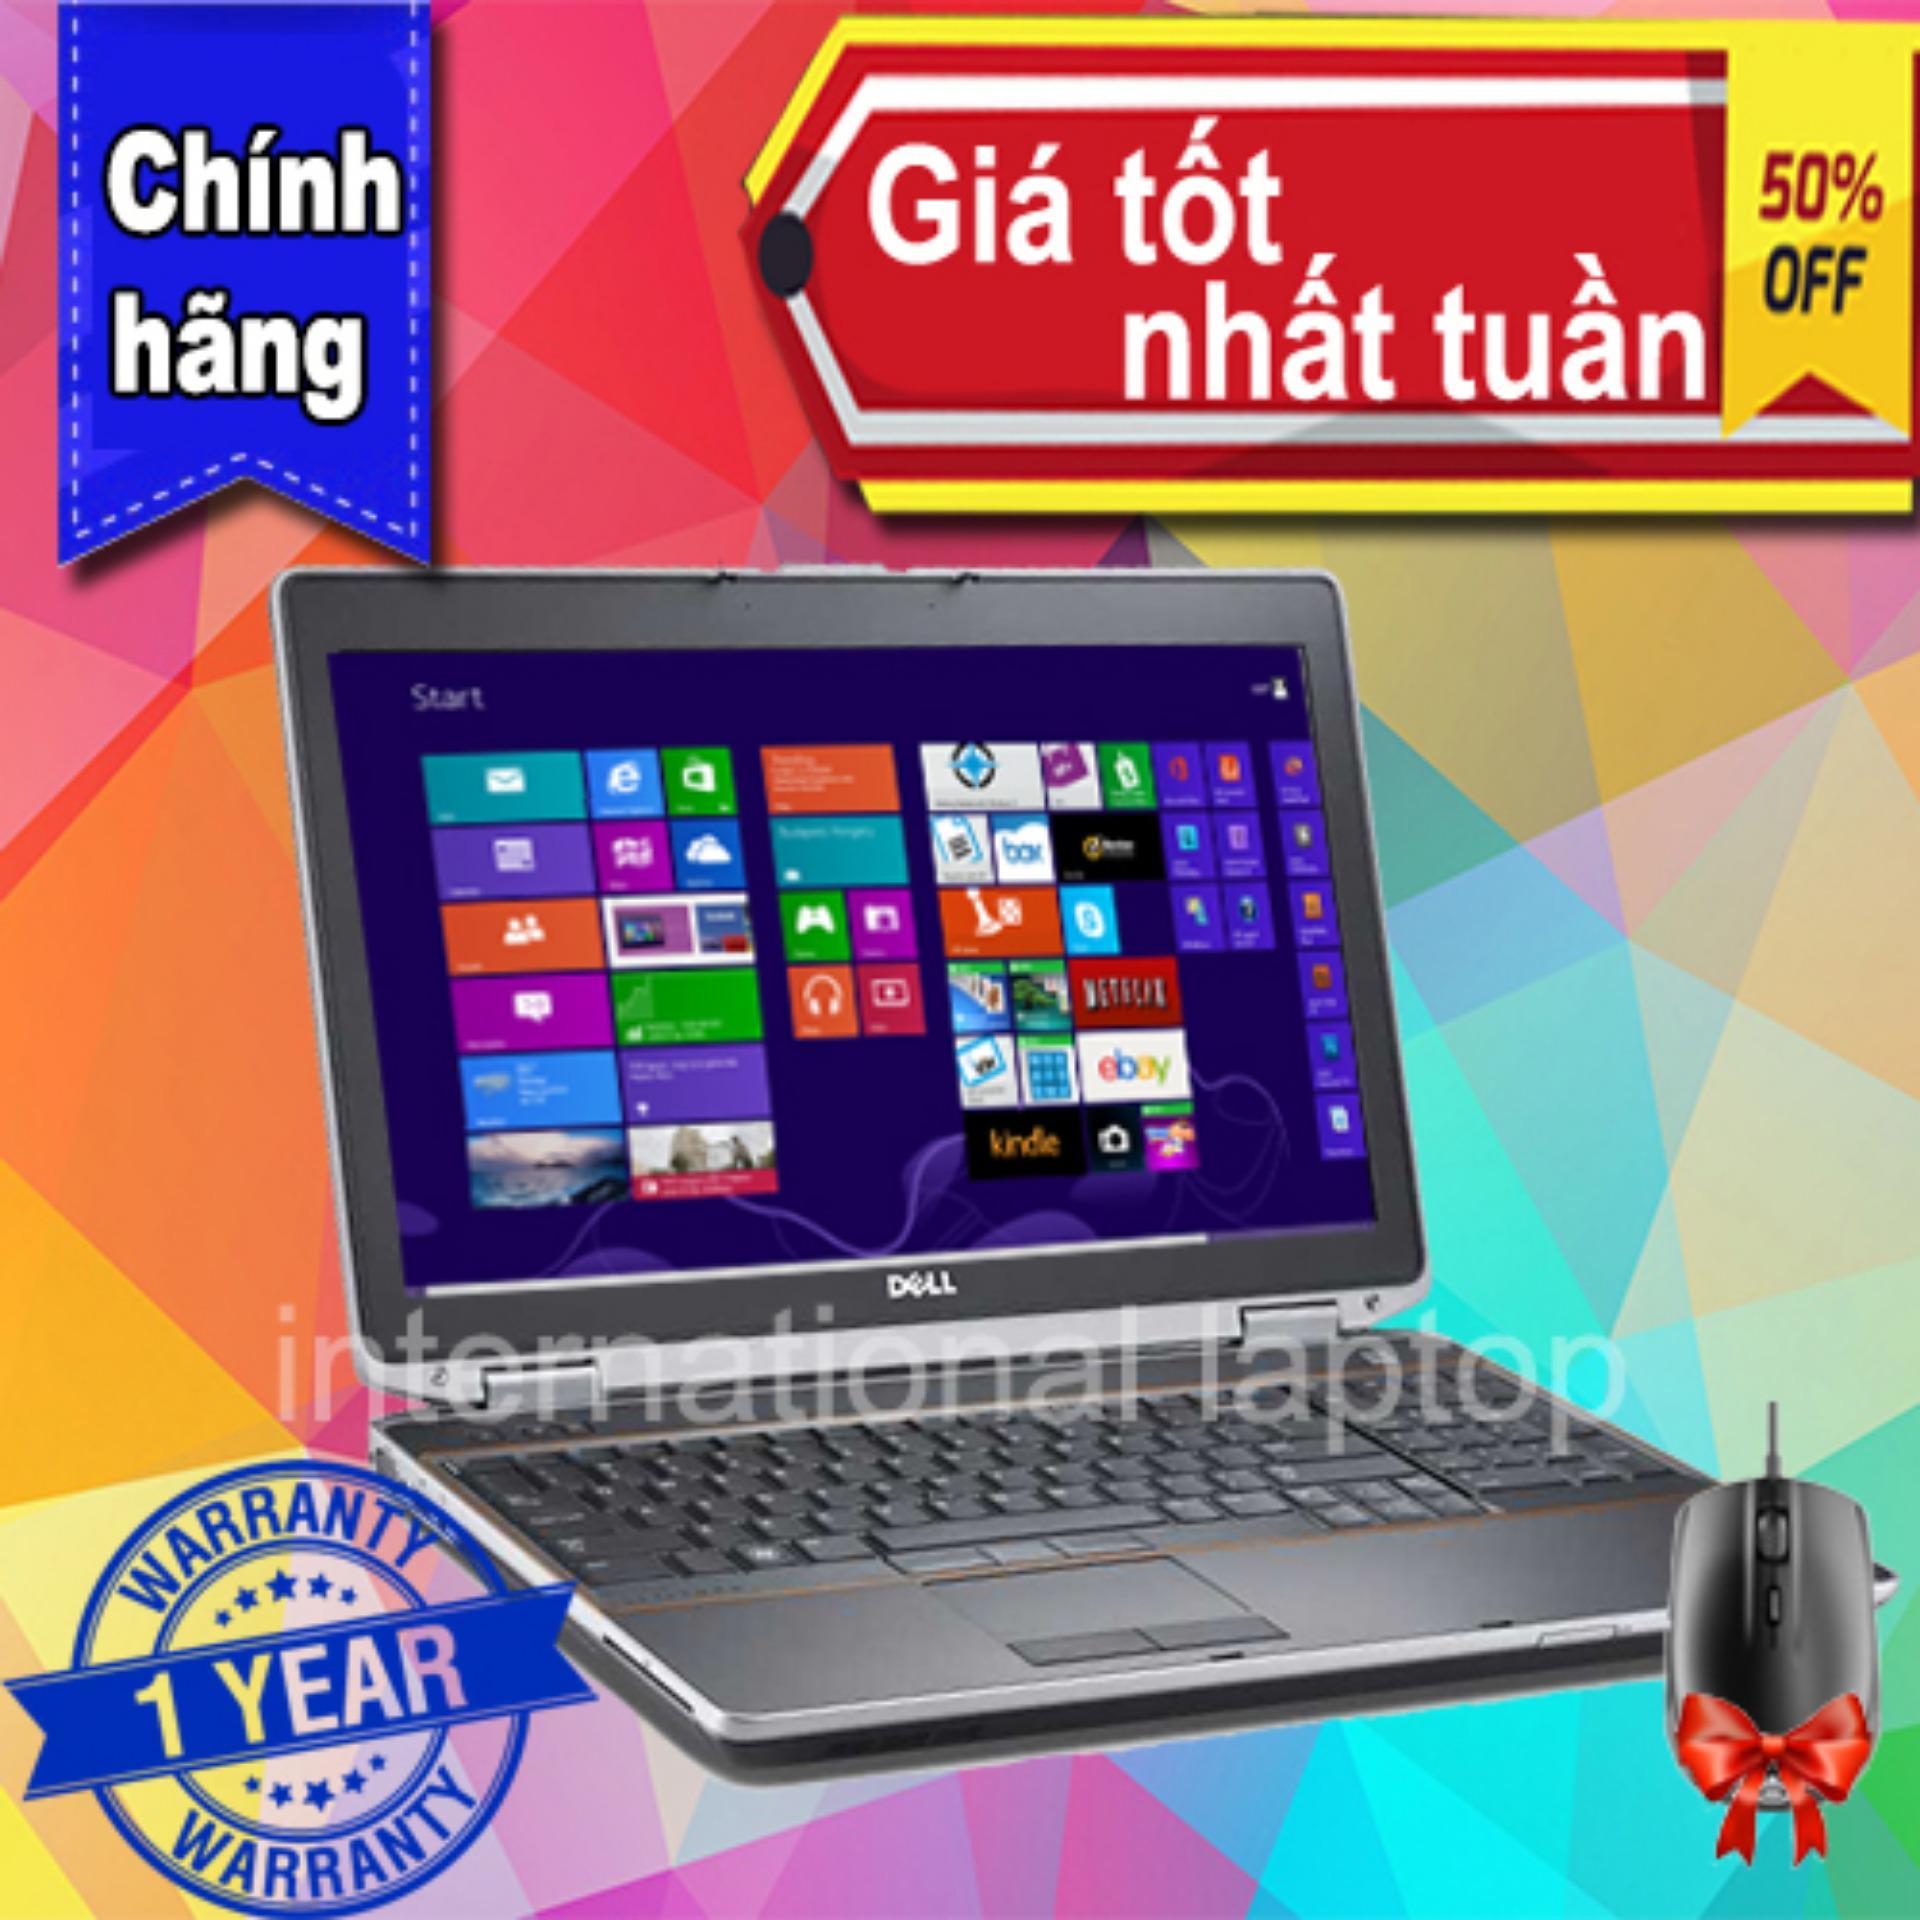 Giá Bán Laptop Dell Latitude E6520 I5 8Gb 1Tb Hang Nhập Khẩu Dell Nguyên